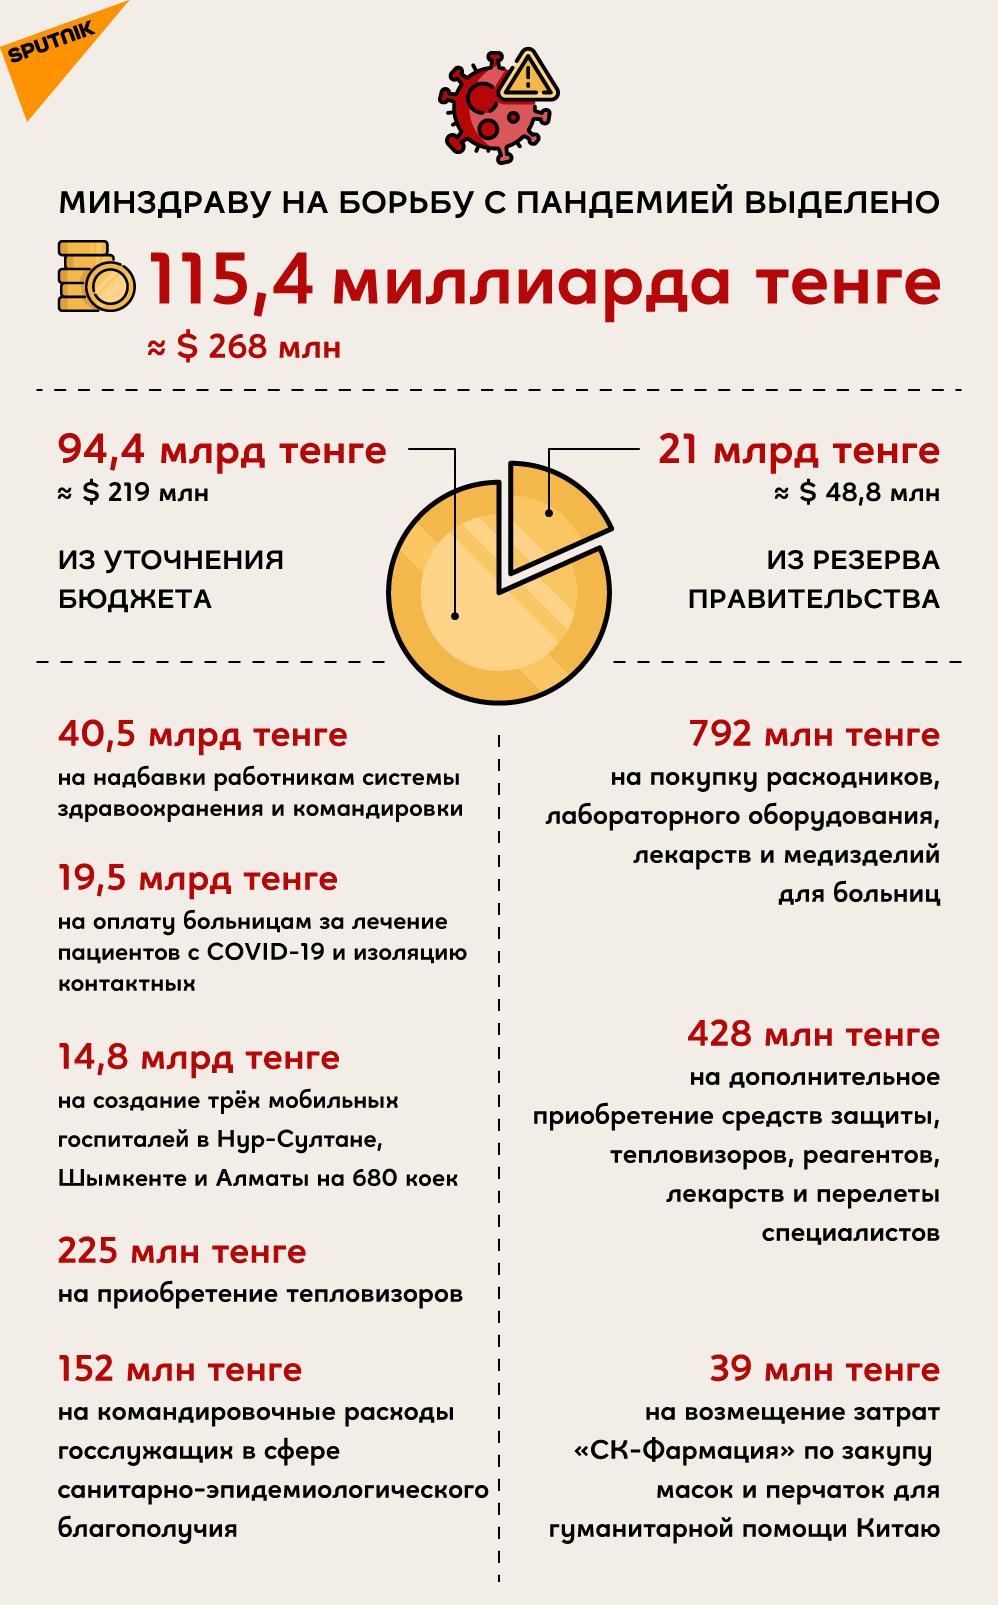 Траты Минздрава Казахстана на борьбу с пандемией